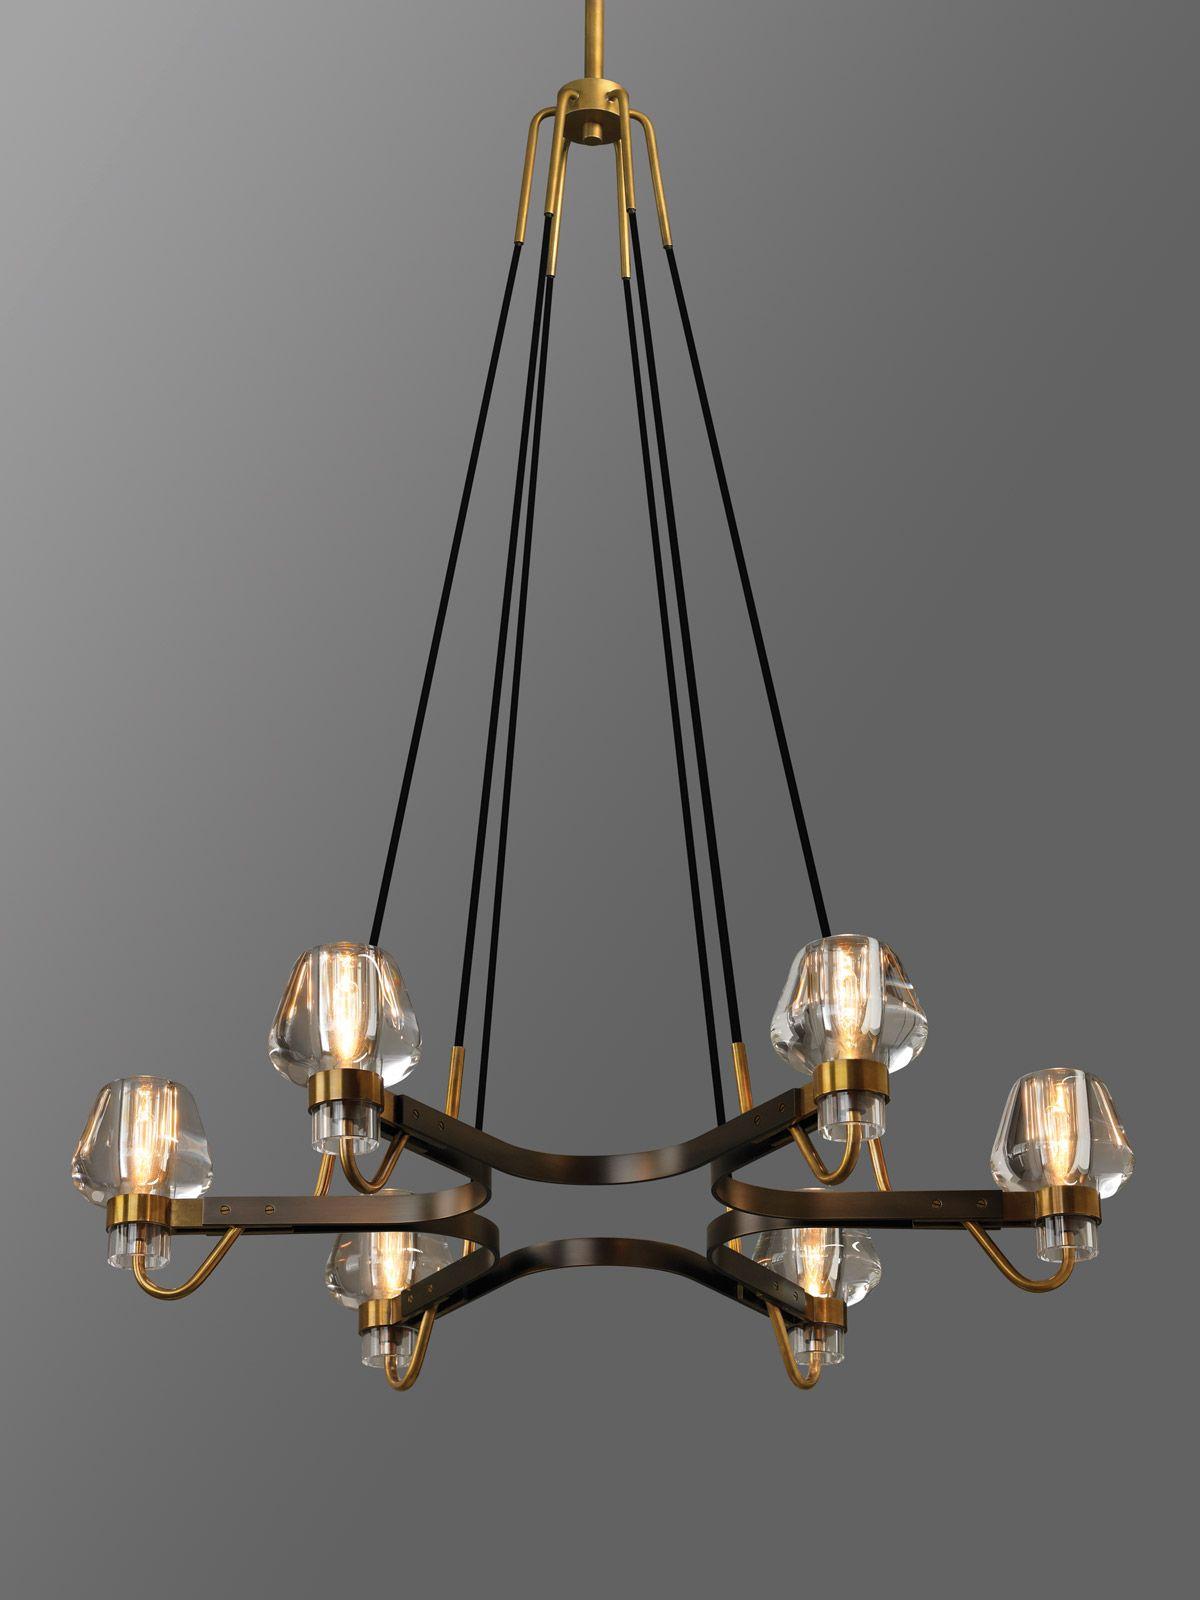 De Sousa Hughes   San Francisco Contemporary Interior Design Resource #lighting #design #contemporary